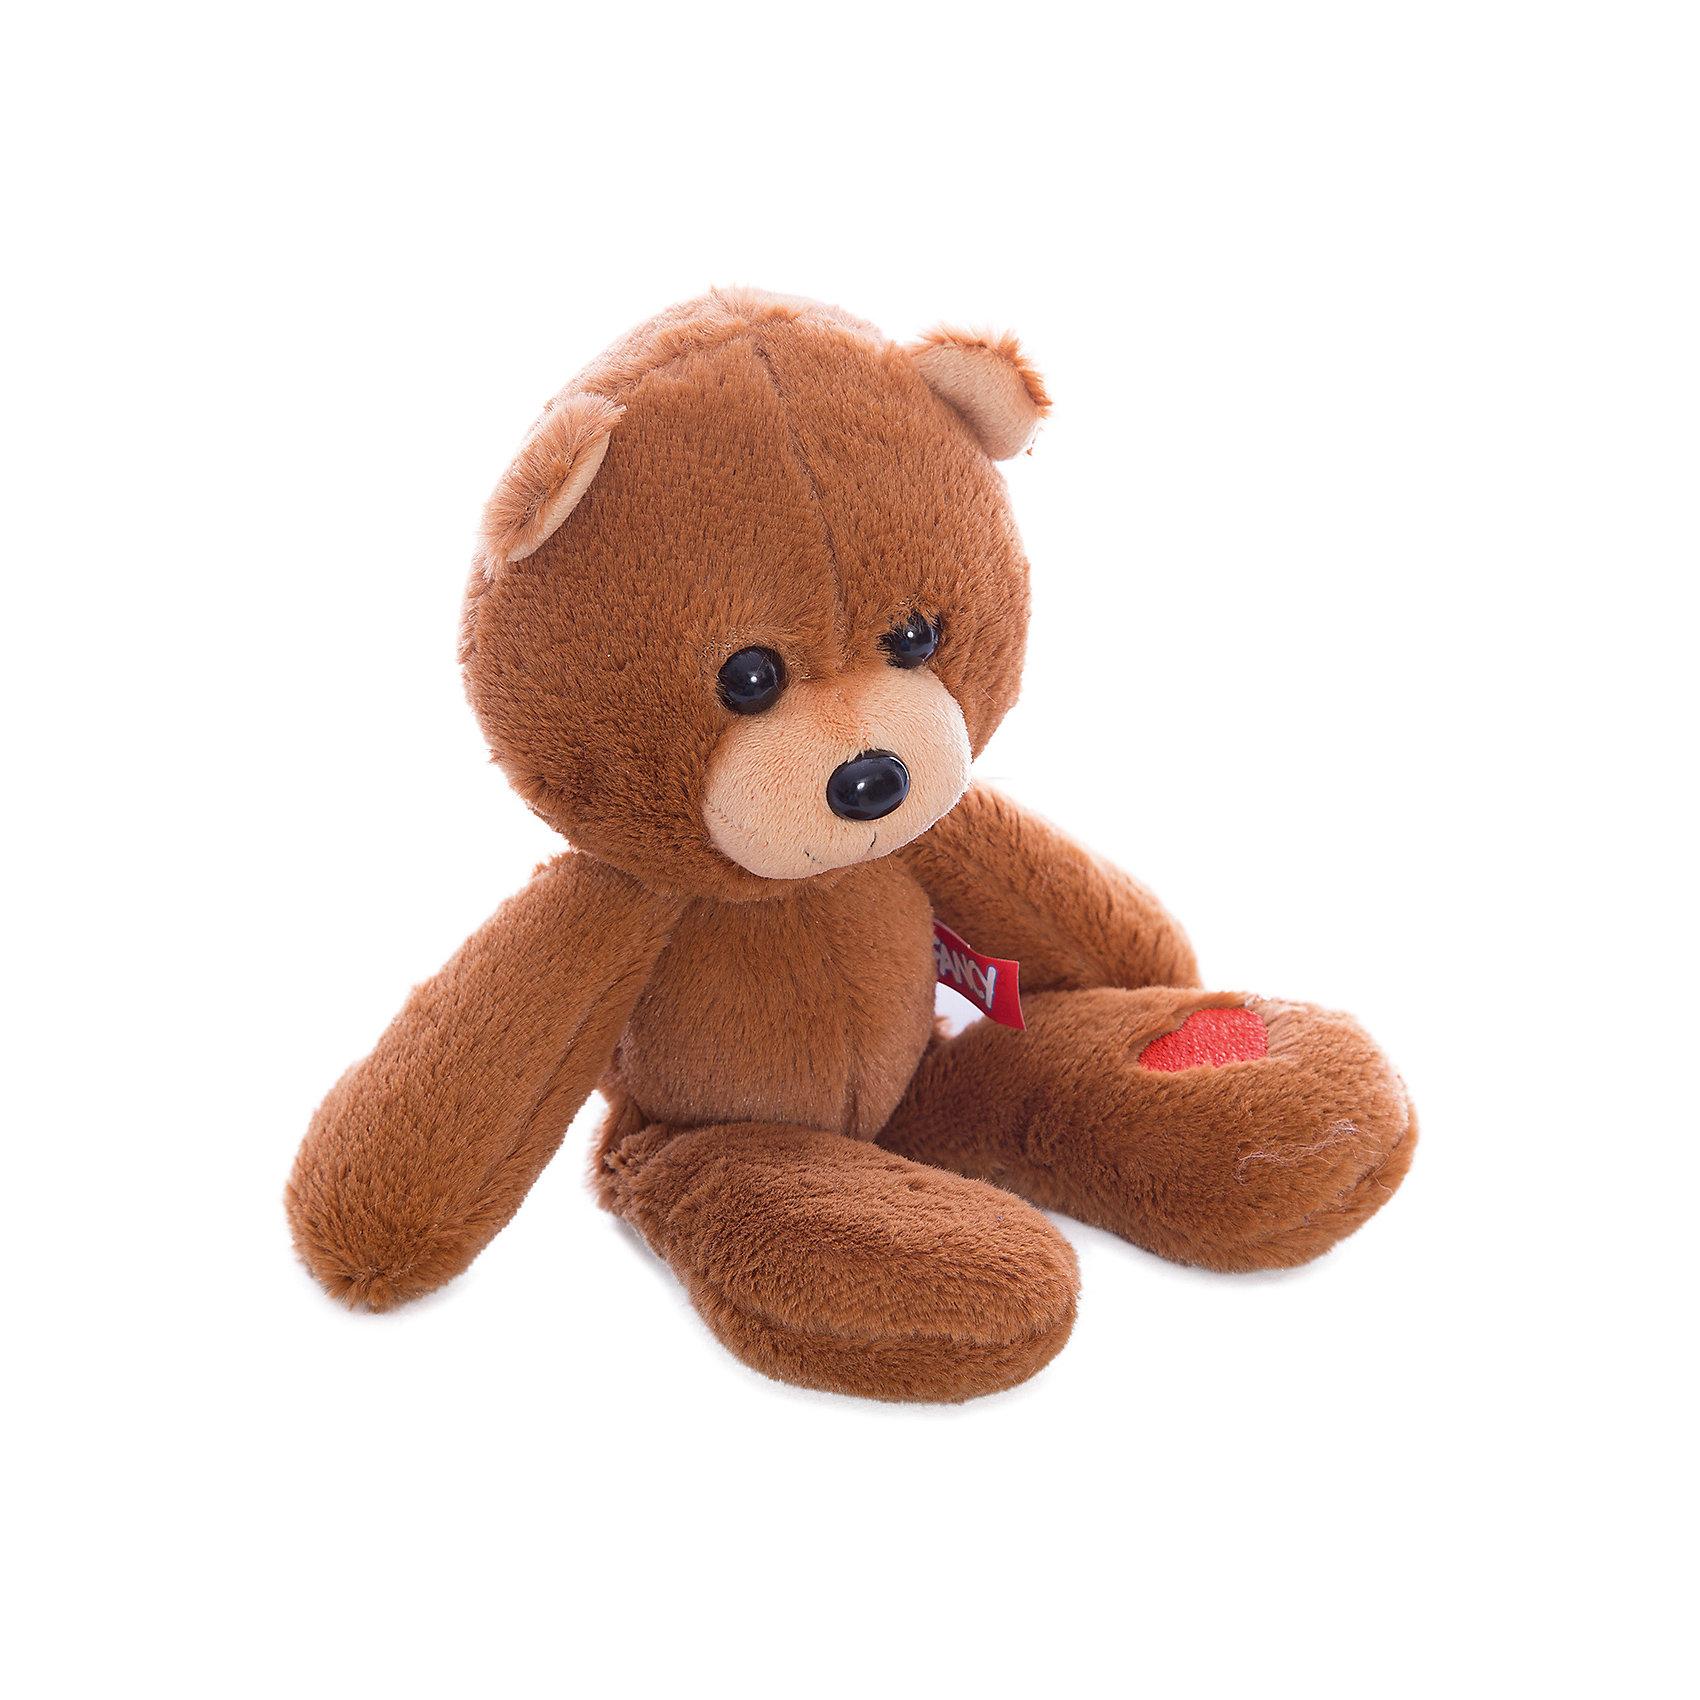 Мишка Бобо, FancyМилая игрушка мишка Бобо всегда будет с Вашим ребенком! С ним можно играть, спать или брать с собой на прогулку.<br>Порадуйте ребенка таким милым подарком!<br><br>Дополнительная информация: <br><br>- Возраст: от 3 лет.<br>- Материал: плюш, наполнитель, текстиль, пластик.<br>- Размер упаковки: 30.5х11.5х10 см.<br>- Вес в упаковке: 70 г.<br><br>Купить мишку Бобо от Fancy, можно в нашем магазине.<br><br>Ширина мм: 305<br>Глубина мм: 115<br>Высота мм: 100<br>Вес г: 70<br>Возраст от месяцев: 36<br>Возраст до месяцев: 2147483647<br>Пол: Унисекс<br>Возраст: Детский<br>SKU: 5025381